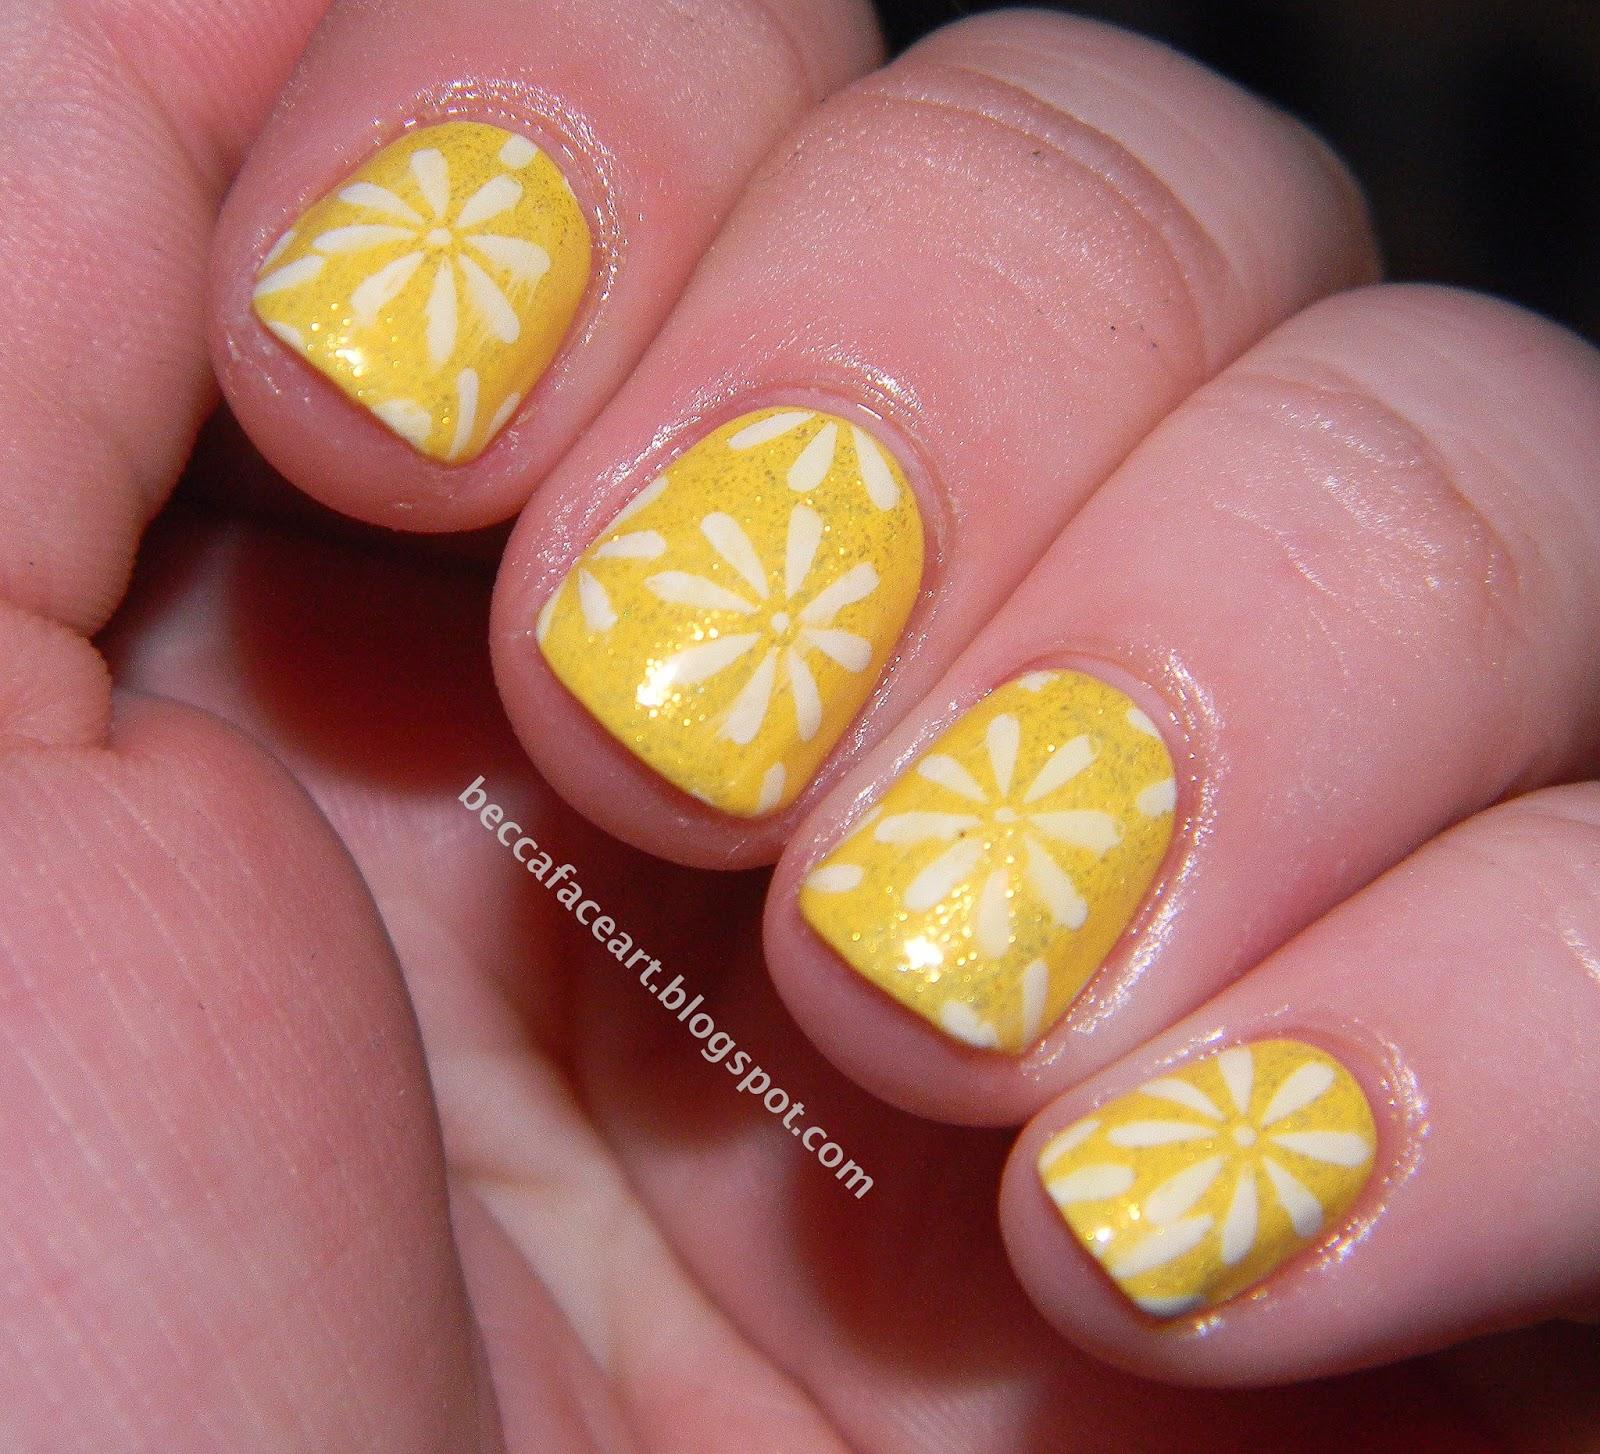 Becca Face Nail Art 31 Day Nail Art Challenge Day 3 Yellow Nails